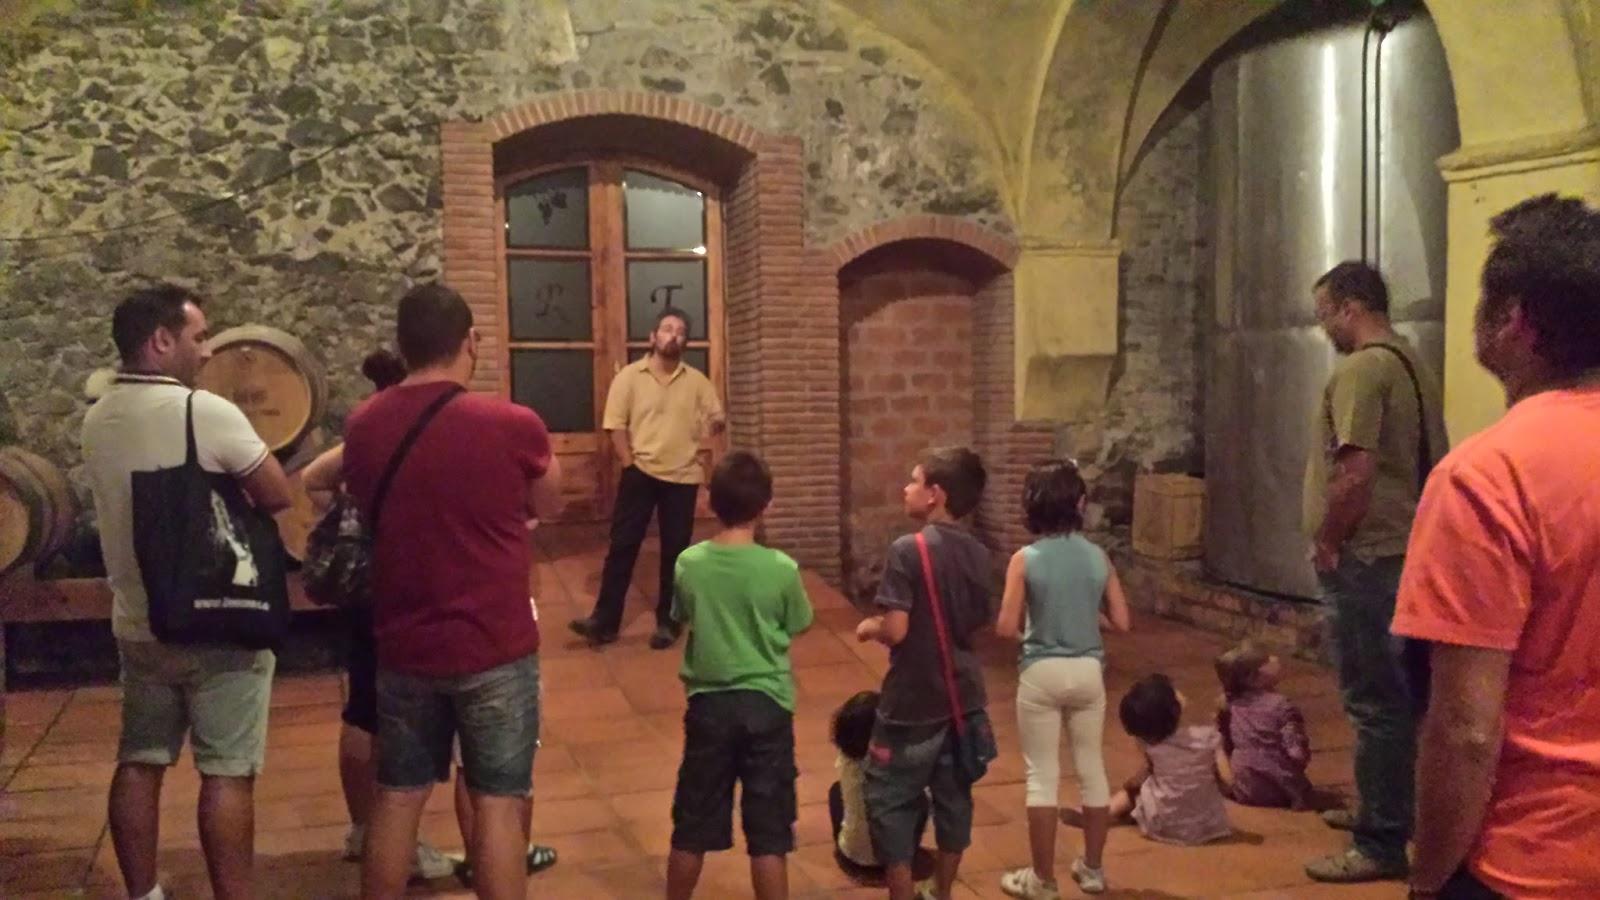 Grup aficionados al vino visita la bodega Rotllan Torra.